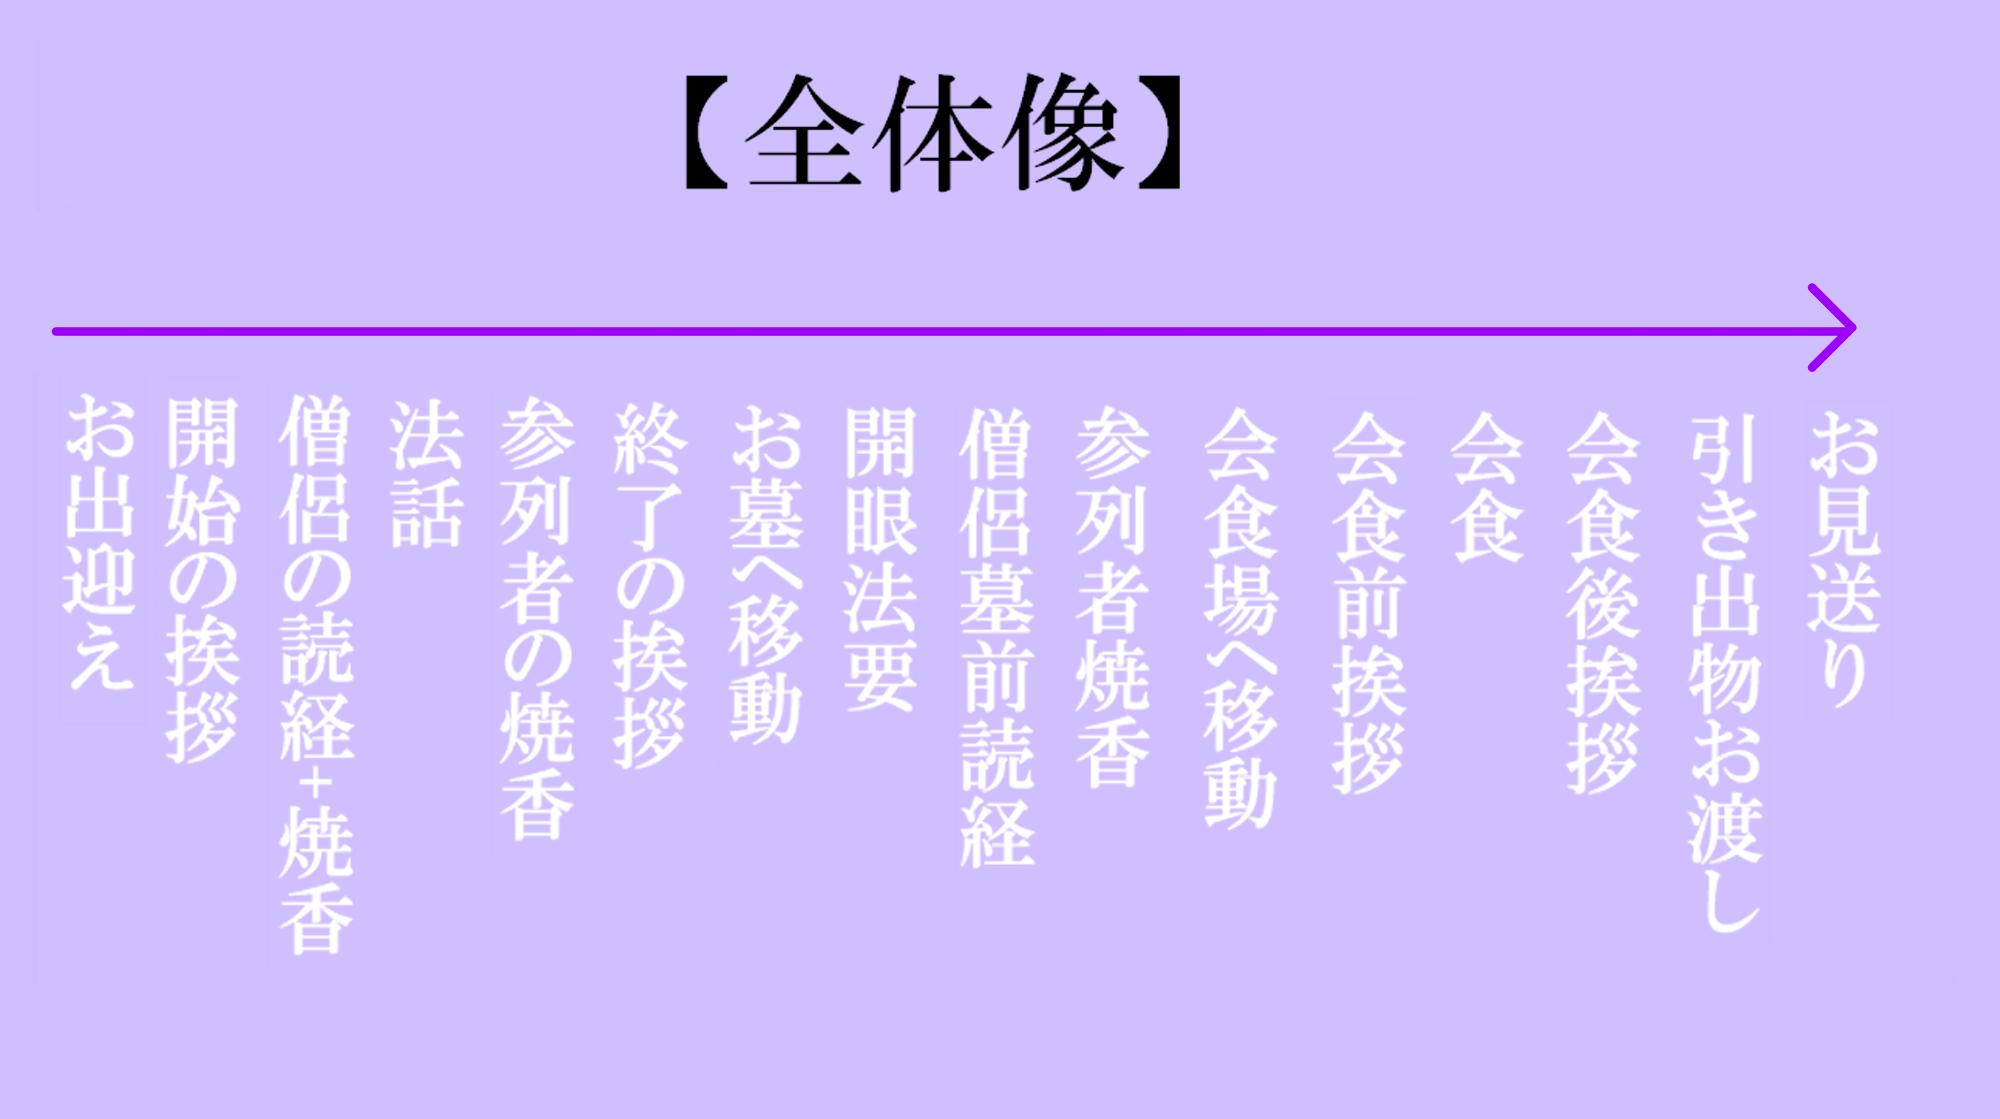 2 【場所別】49日法要の当日の流れ